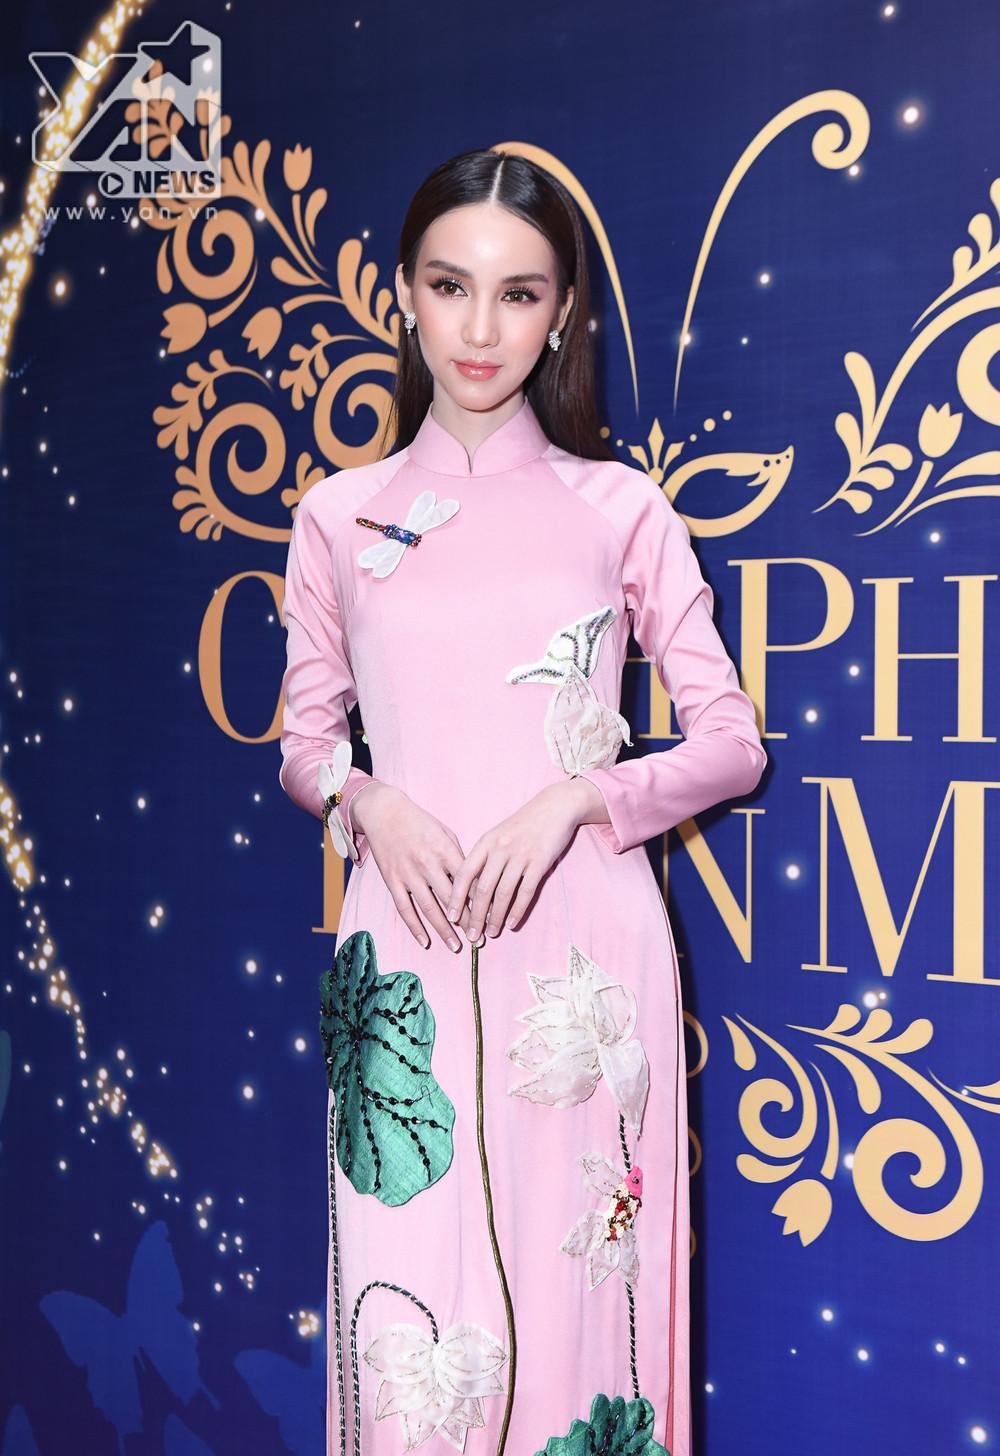 Thần tiên tỉ tỉ của Thái Lan diện áo dài cực xinh, đọ sắc cùng Hương Giang trên thảm đỏ